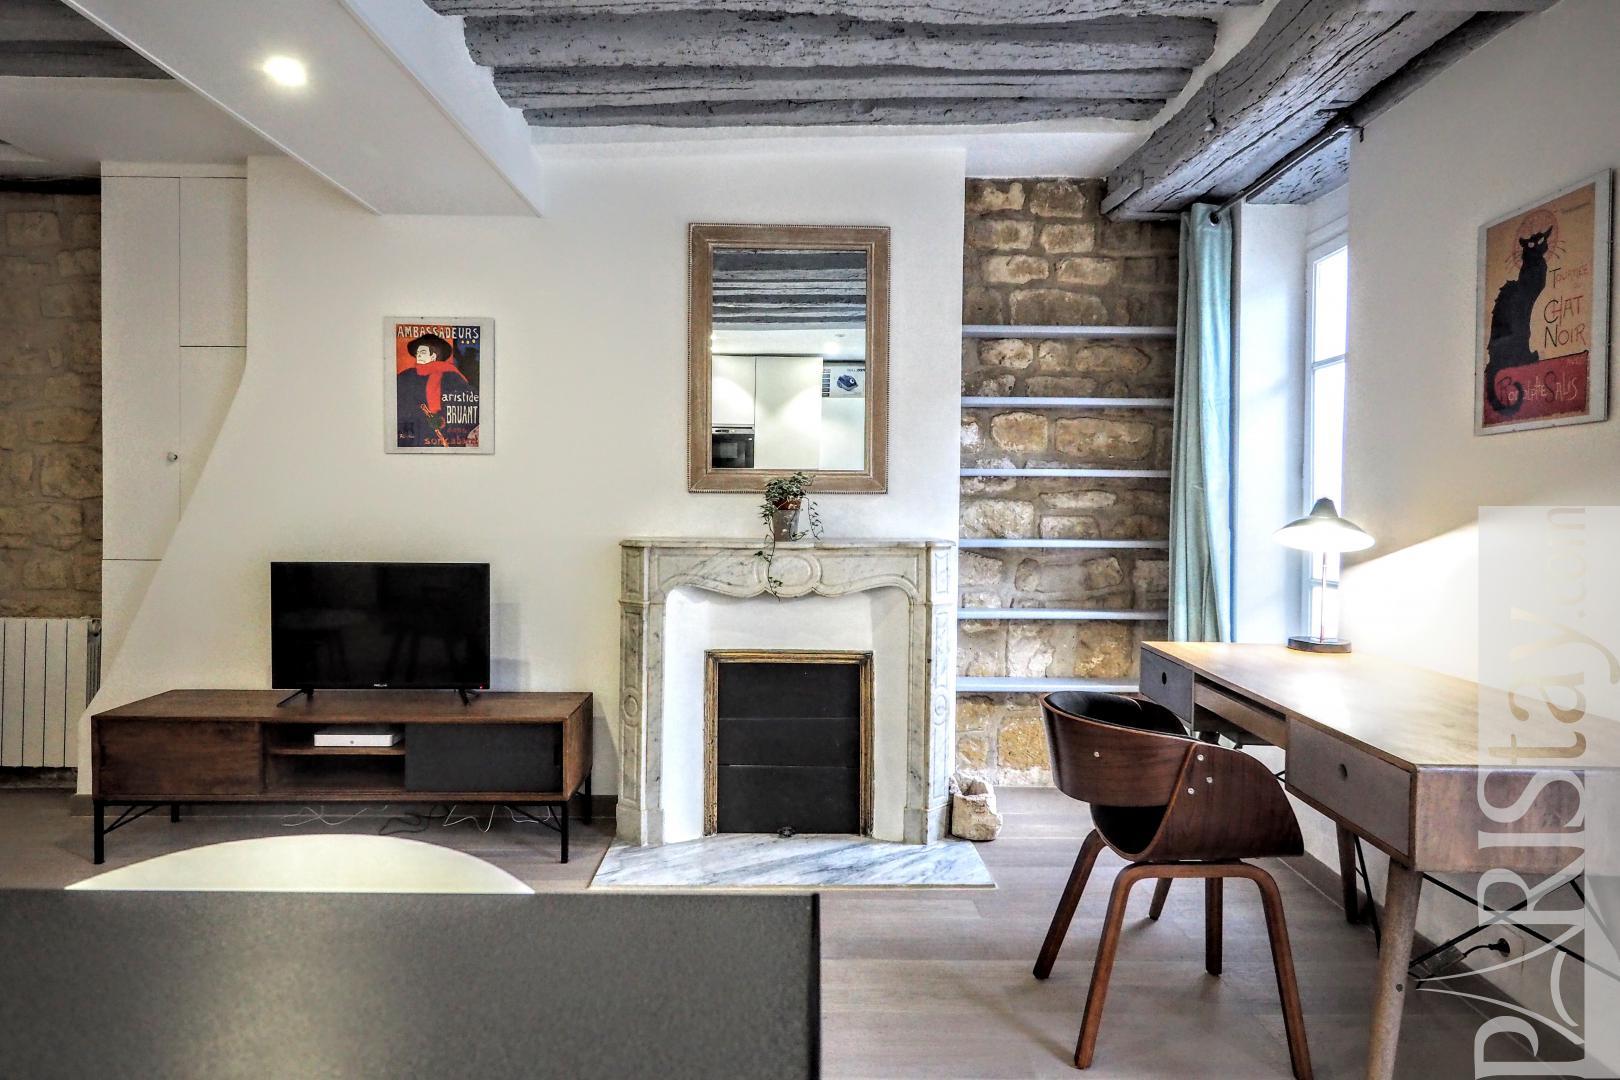 location appartement meuble paris t2 bac saint germain orsay louvre. Black Bedroom Furniture Sets. Home Design Ideas